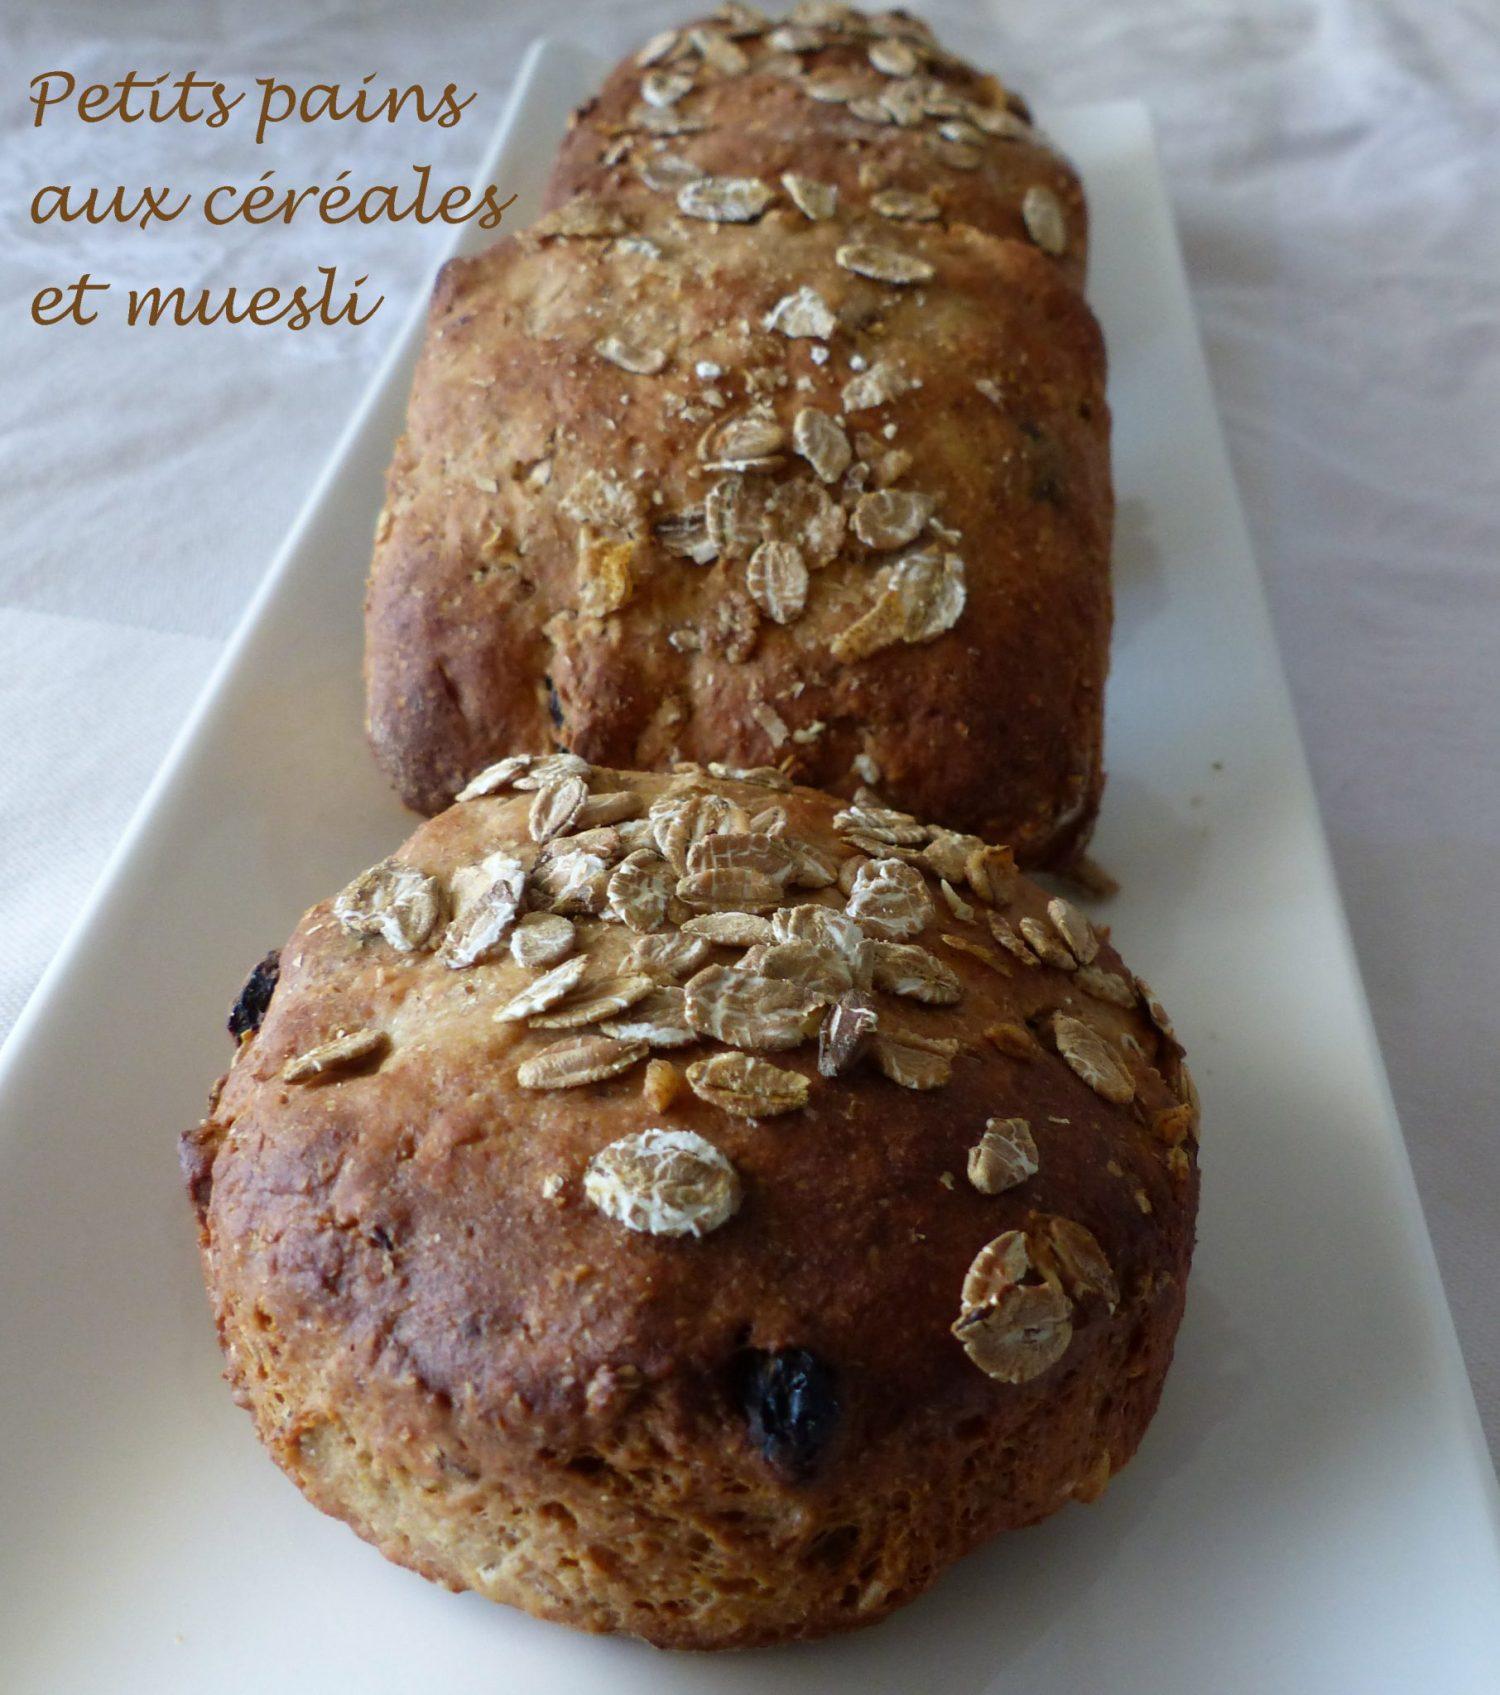 Petits pains aux céréales et muesli P1110488 R